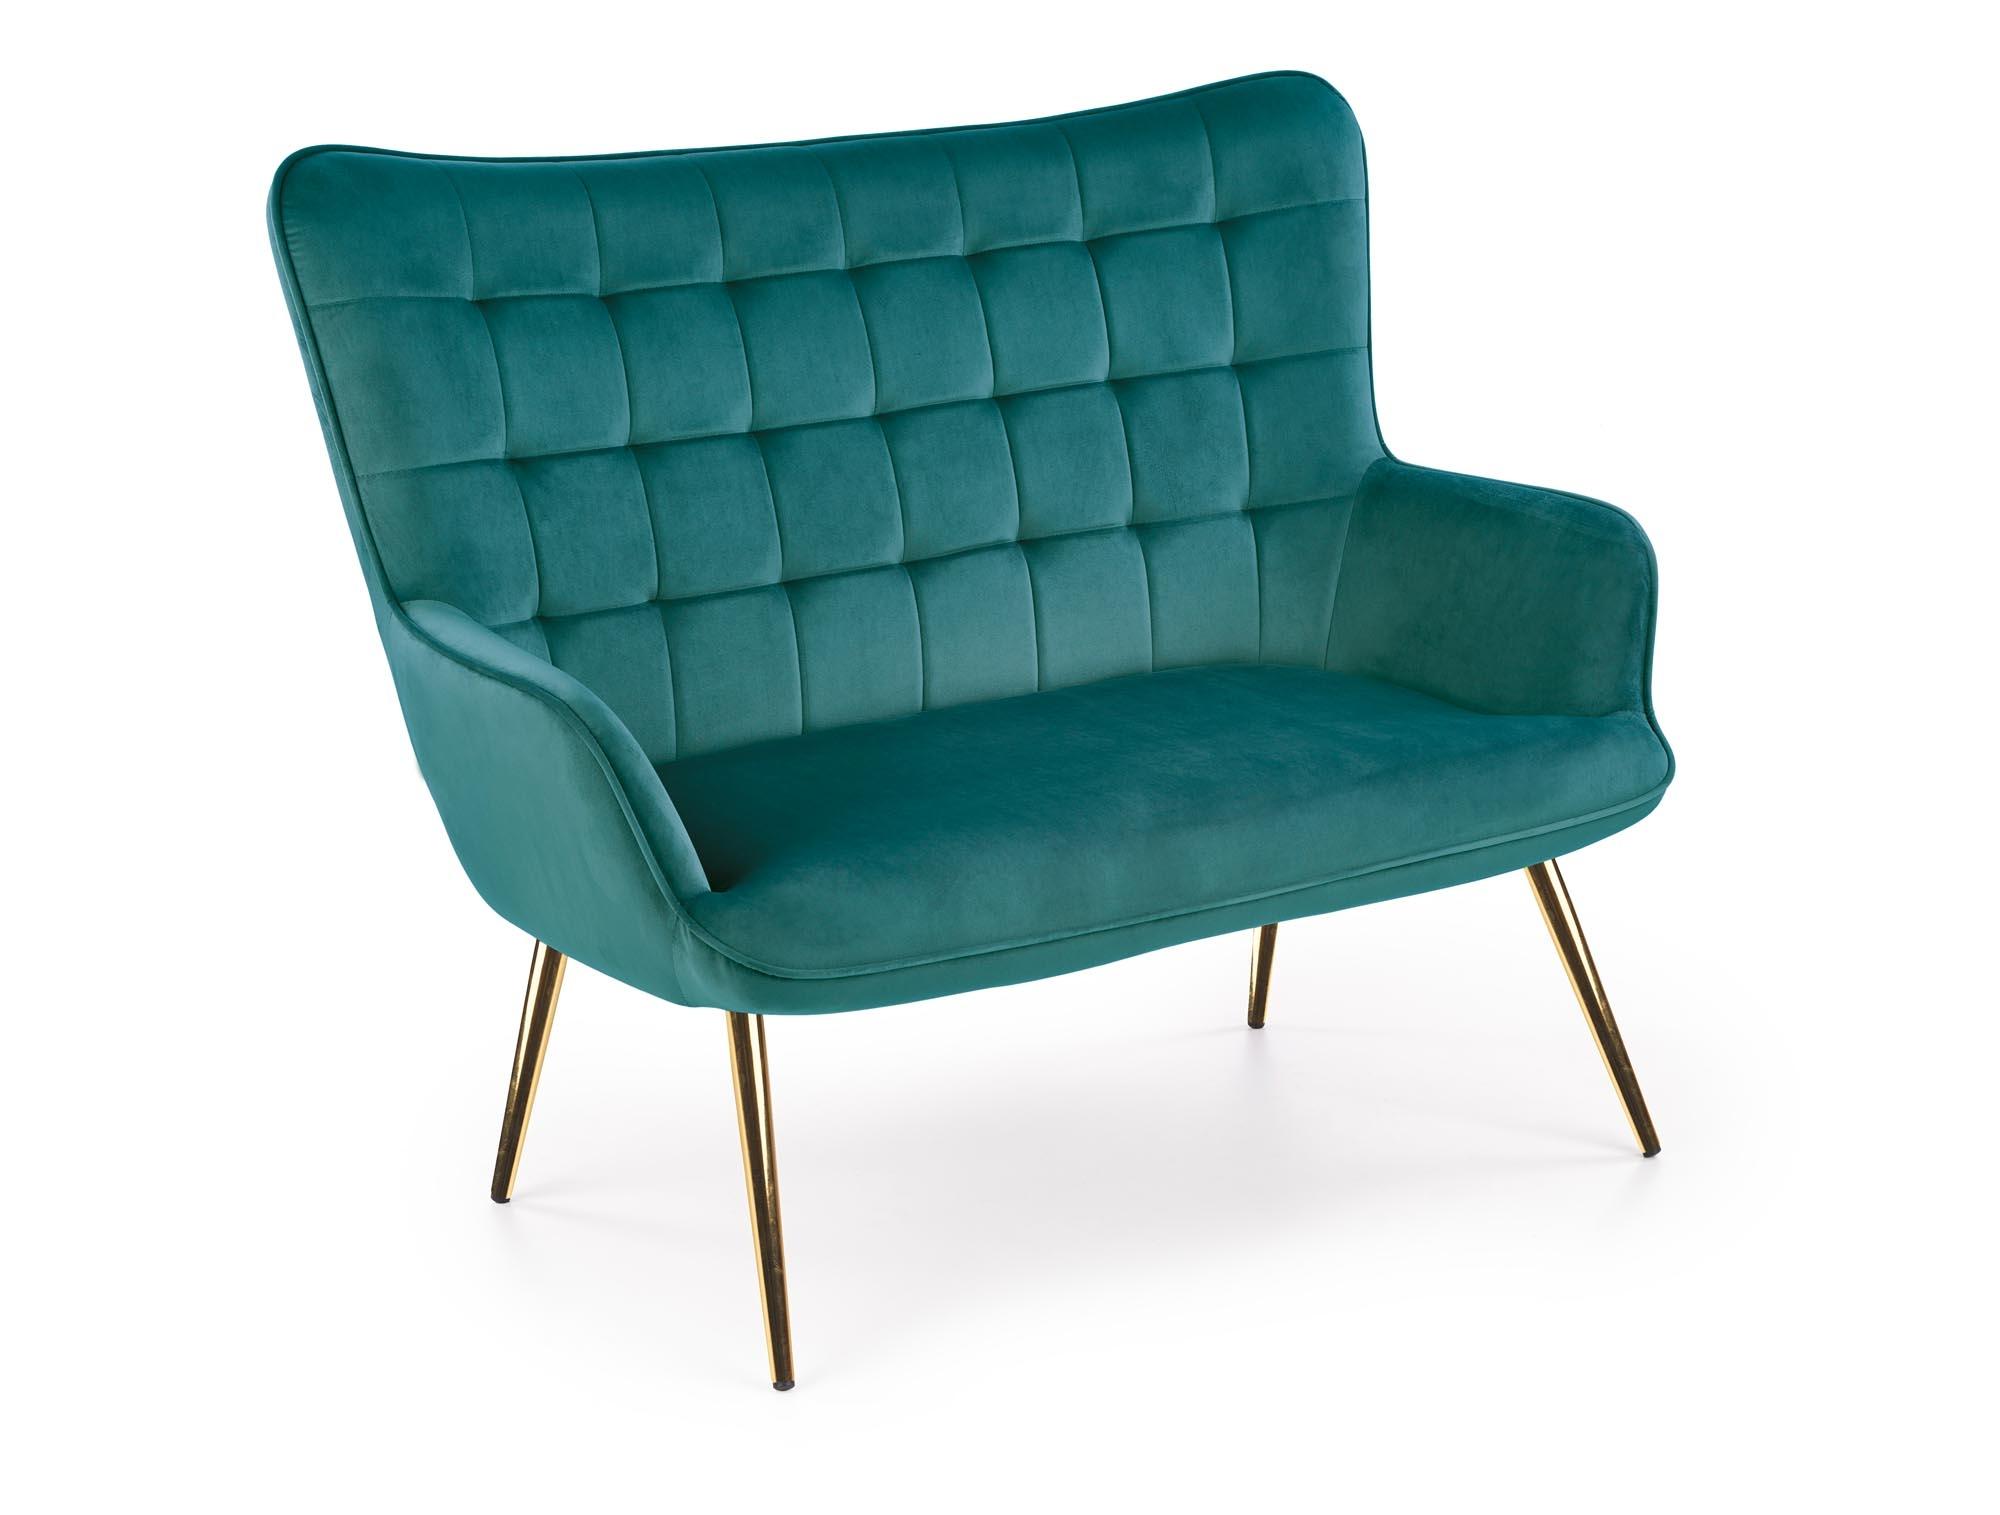 Canapea fixa tapitata cu stofa, 2 locuri Castel 2XL Verde inchis / Auriu, l129xA99xH100 cm imagine